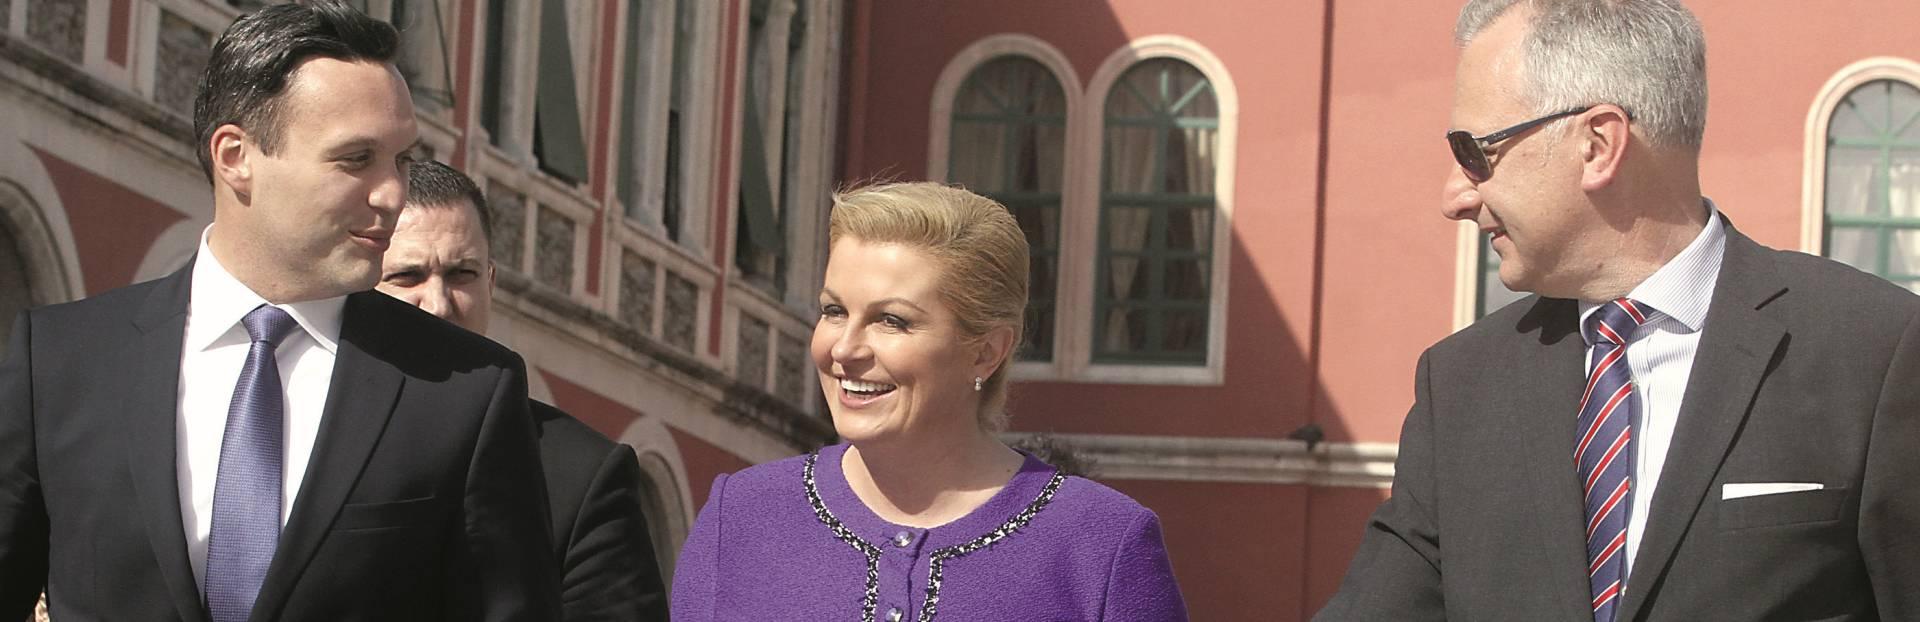 NACIONAL DOZNAJE: OPARIN UZLET Prvo savjetnik Predsjednice pa gradonačelnik Splita